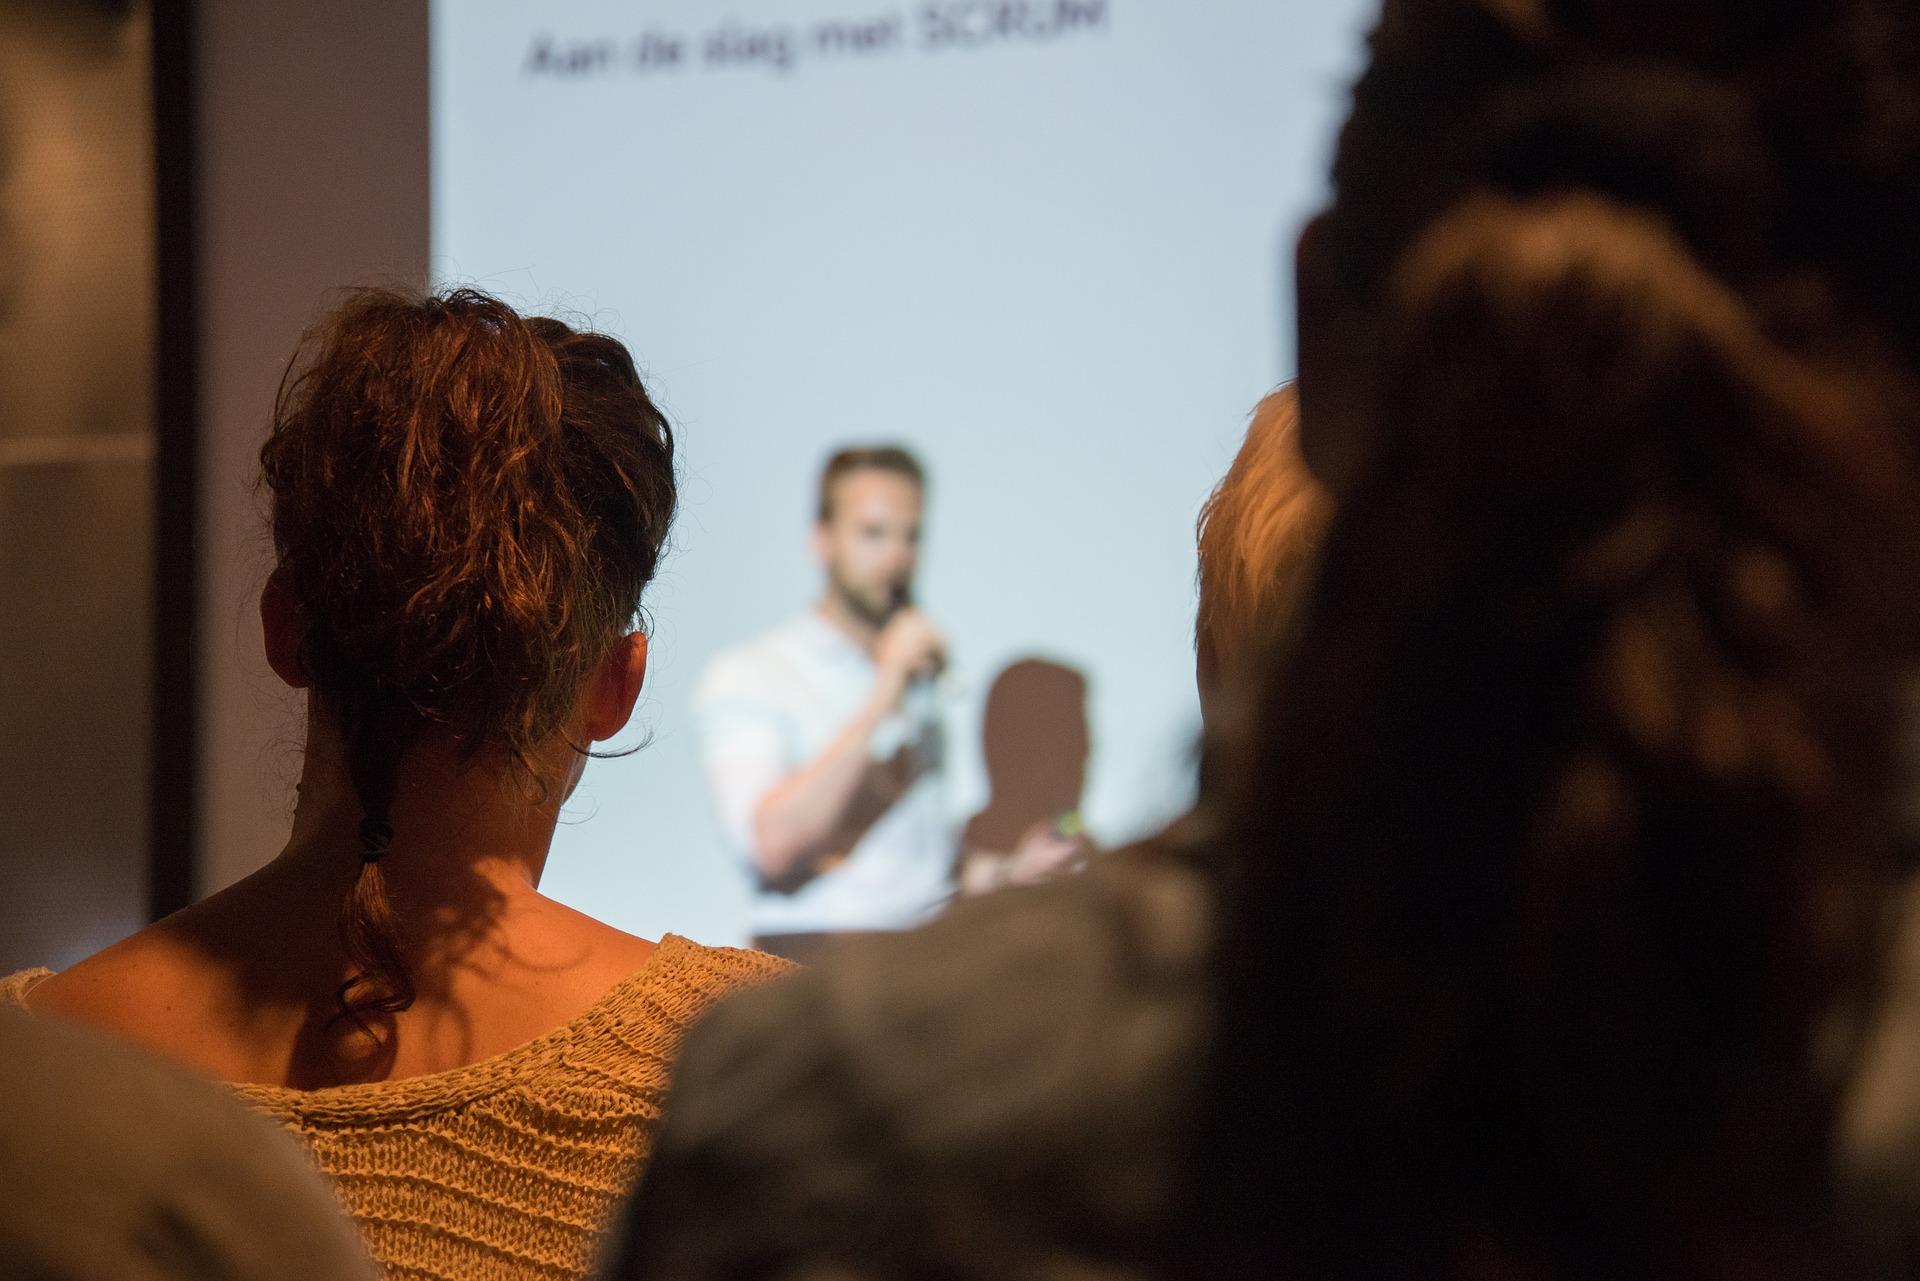 2021_2s_Bones presentacions en públic